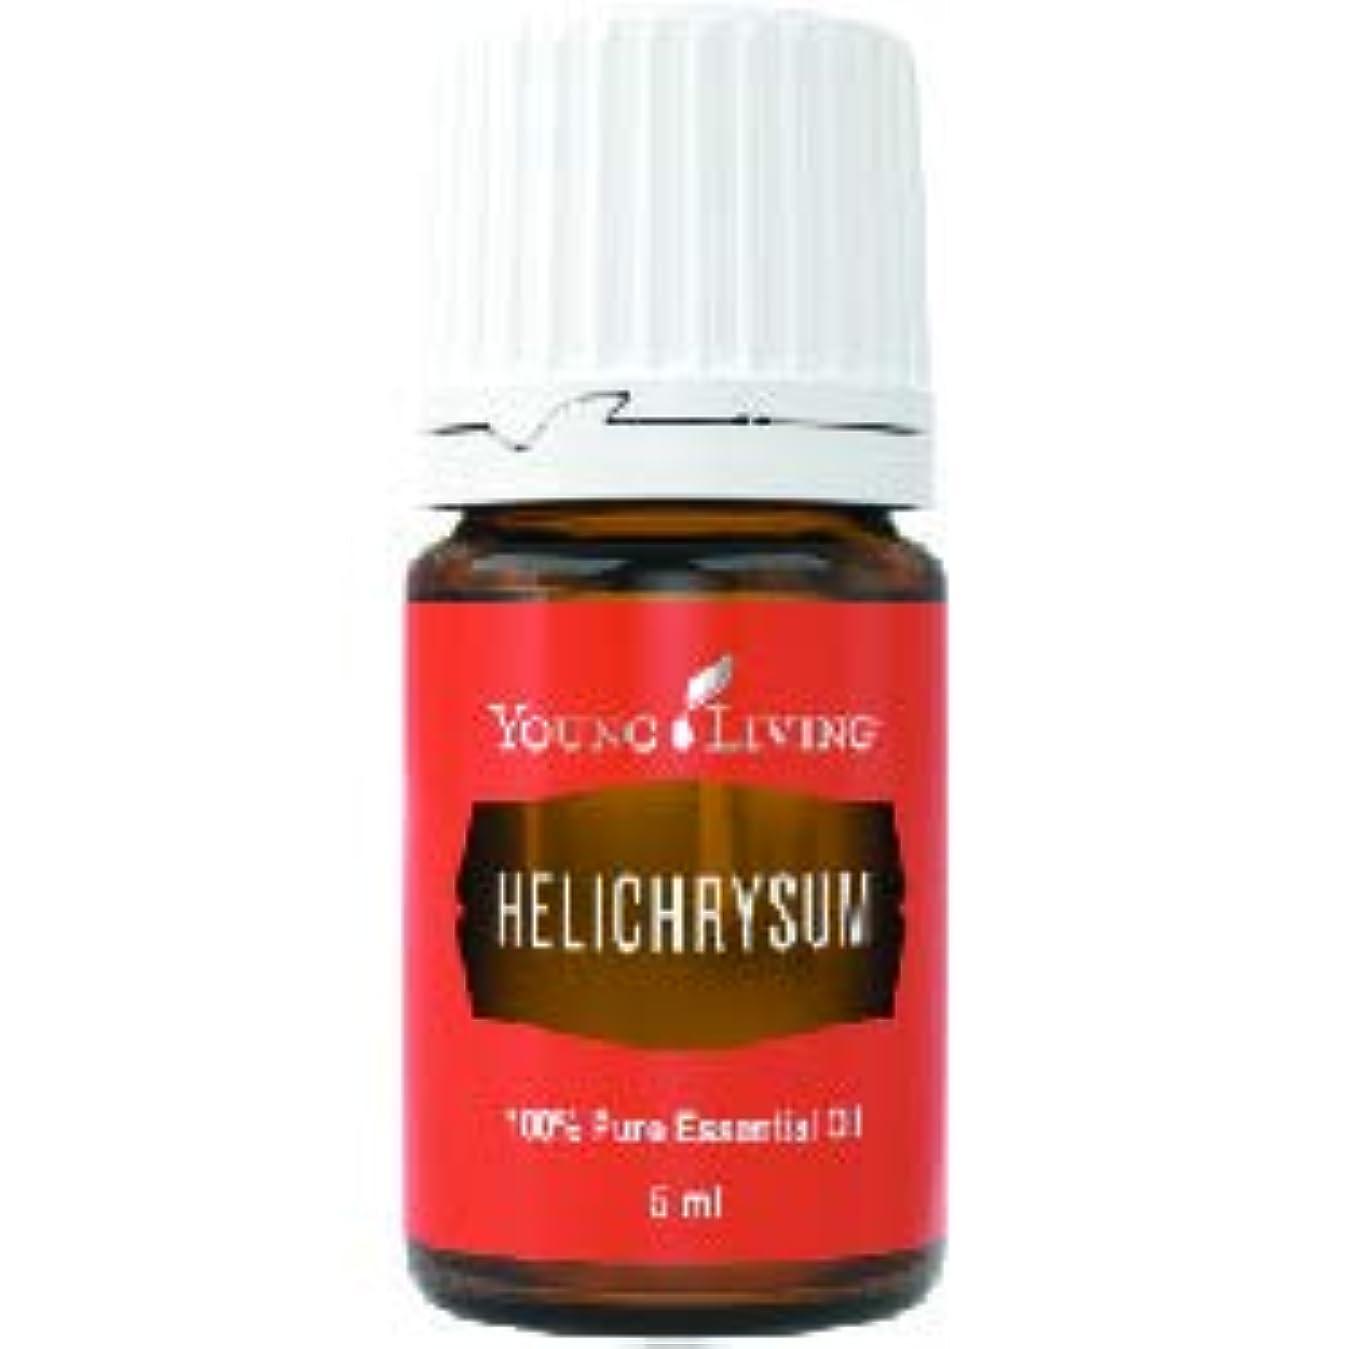 有能な期限切れジャンクションヘリクリサムエッセンシャルオイル ヤングリビングエッセンシャルオイルマレーシア5ml Helichrysum Essential Oil 5ml by Young Living Essential Oil Malaysia